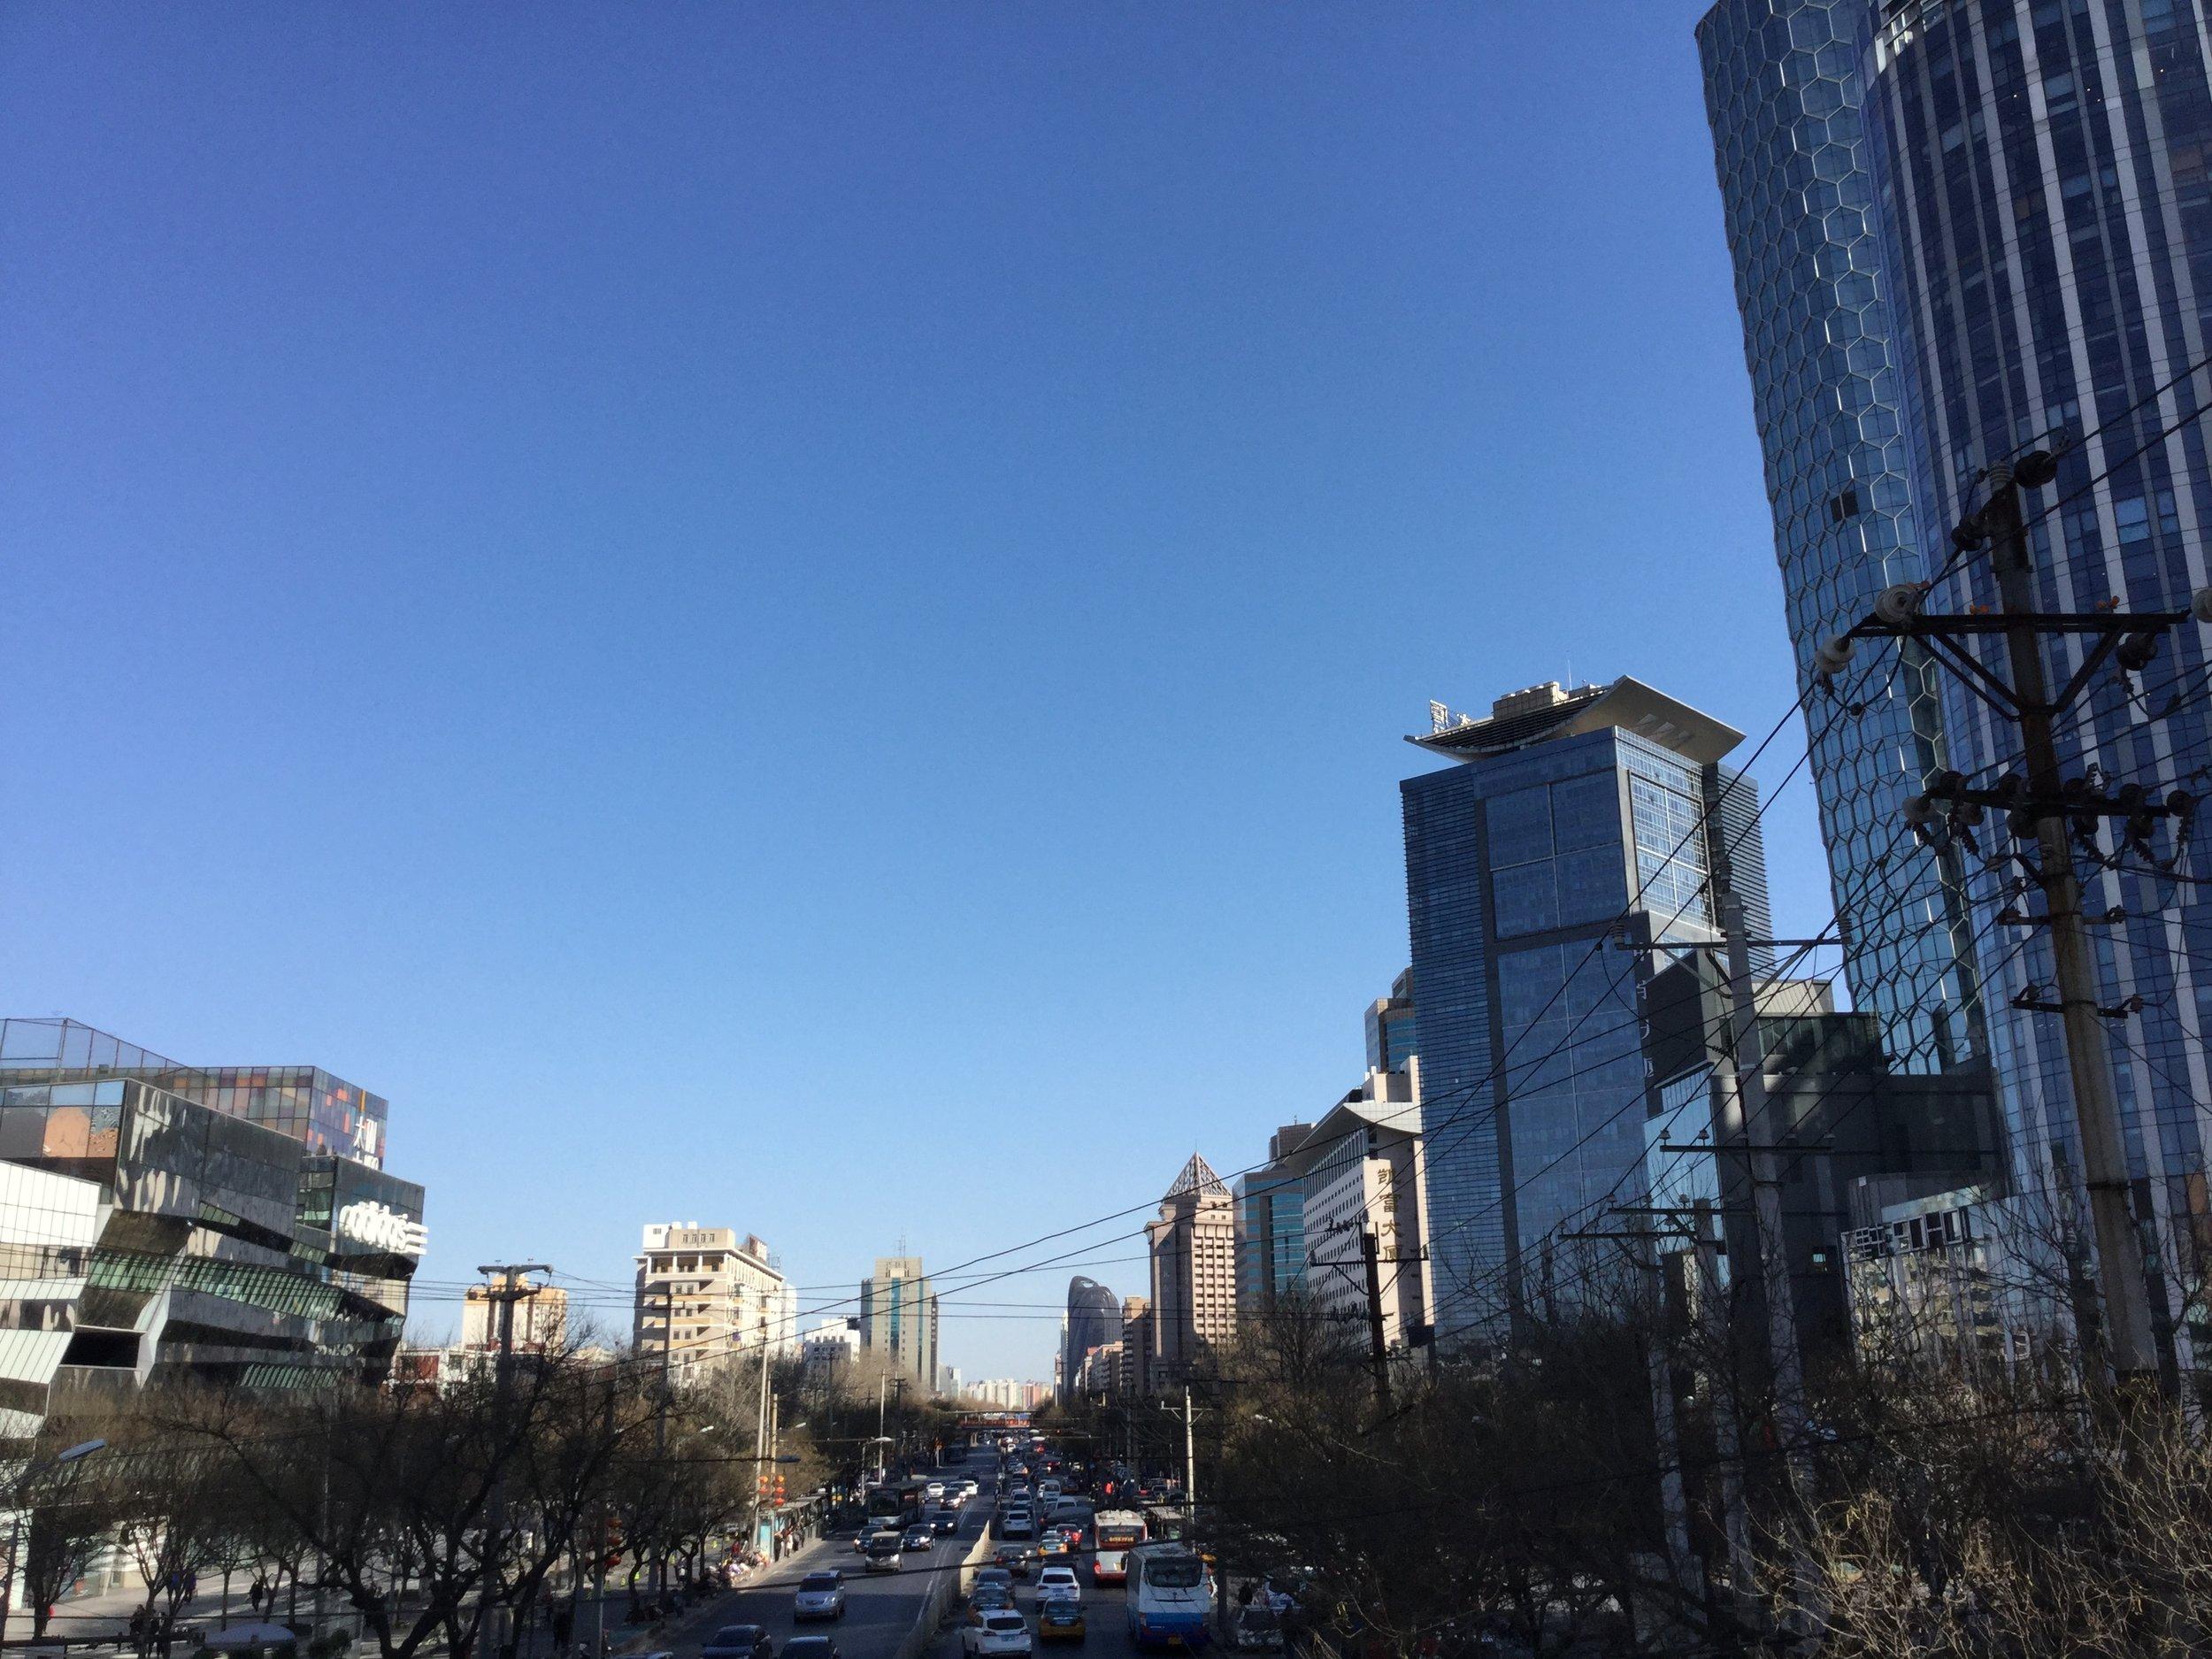 Beijing streets